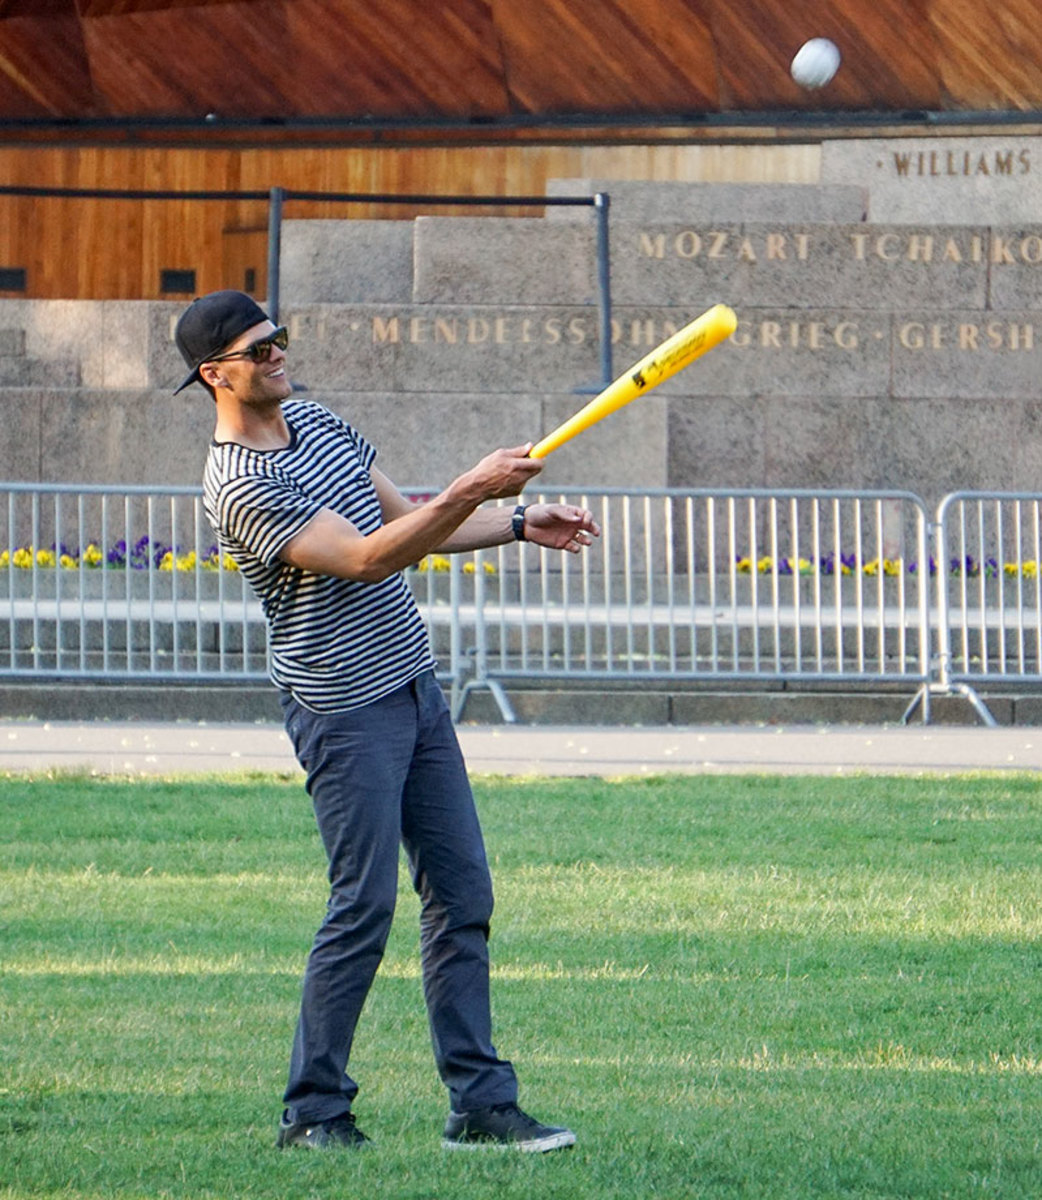 2014-Tom-Brady-bat.jpg